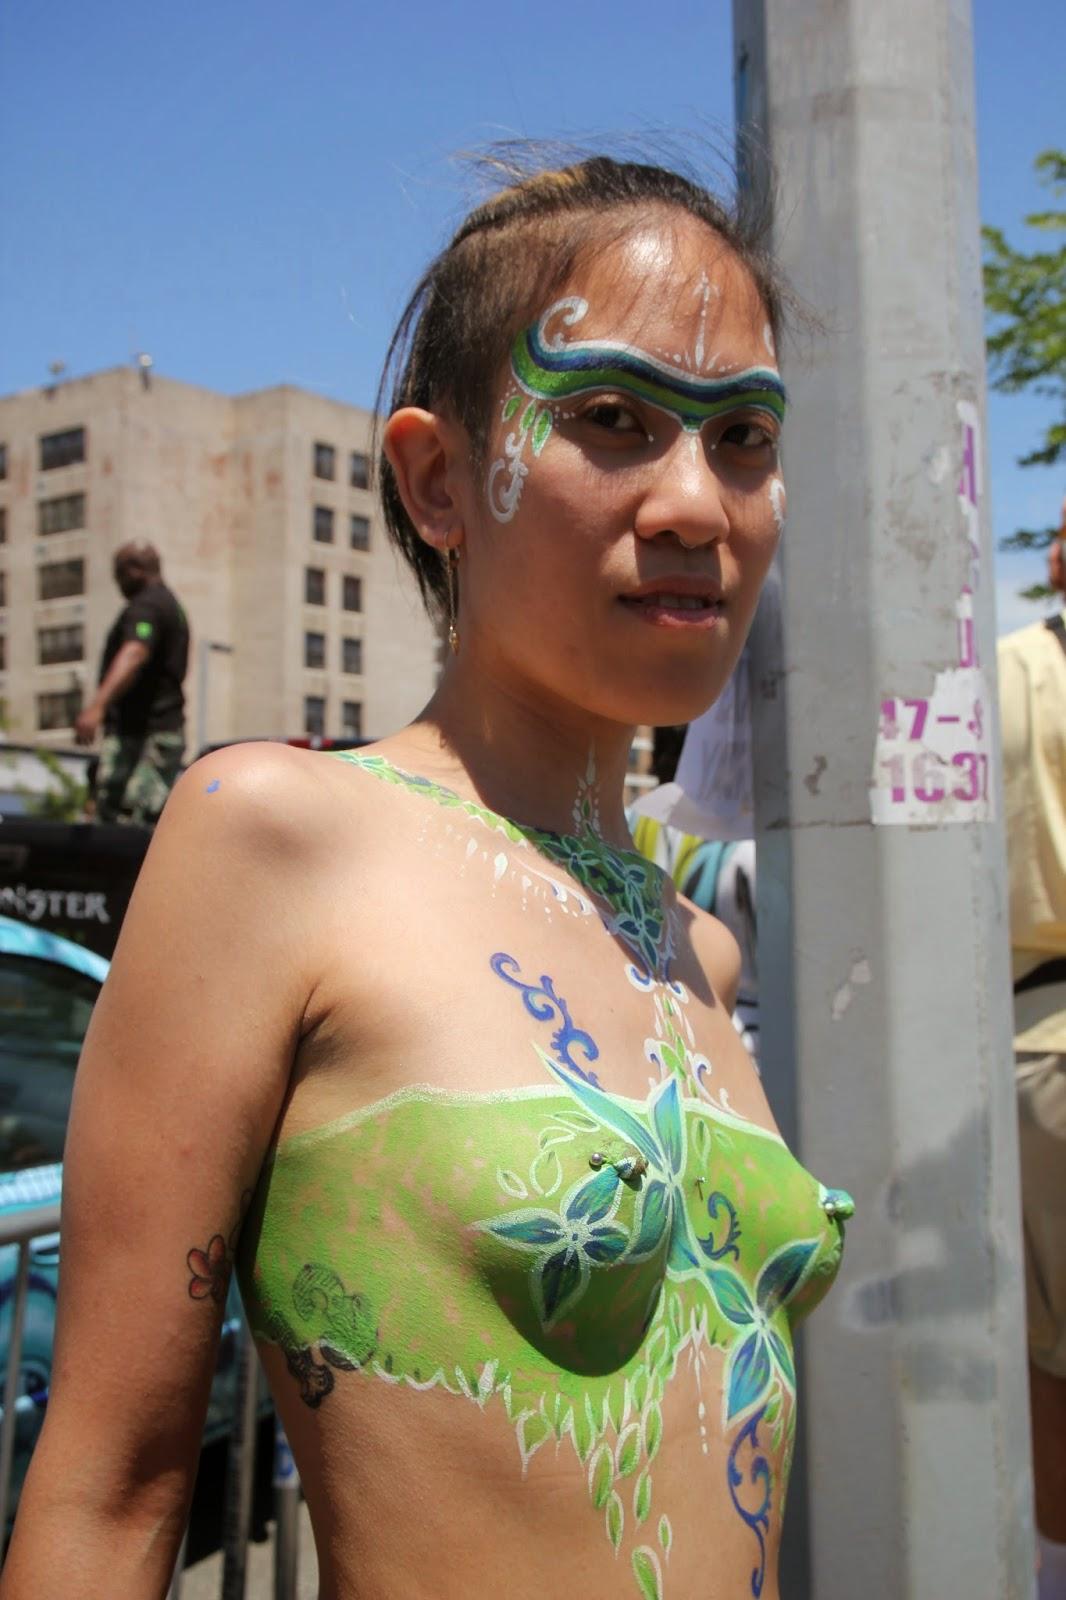 hermosos diseños de pintura corporal sobre el cuerpo humano